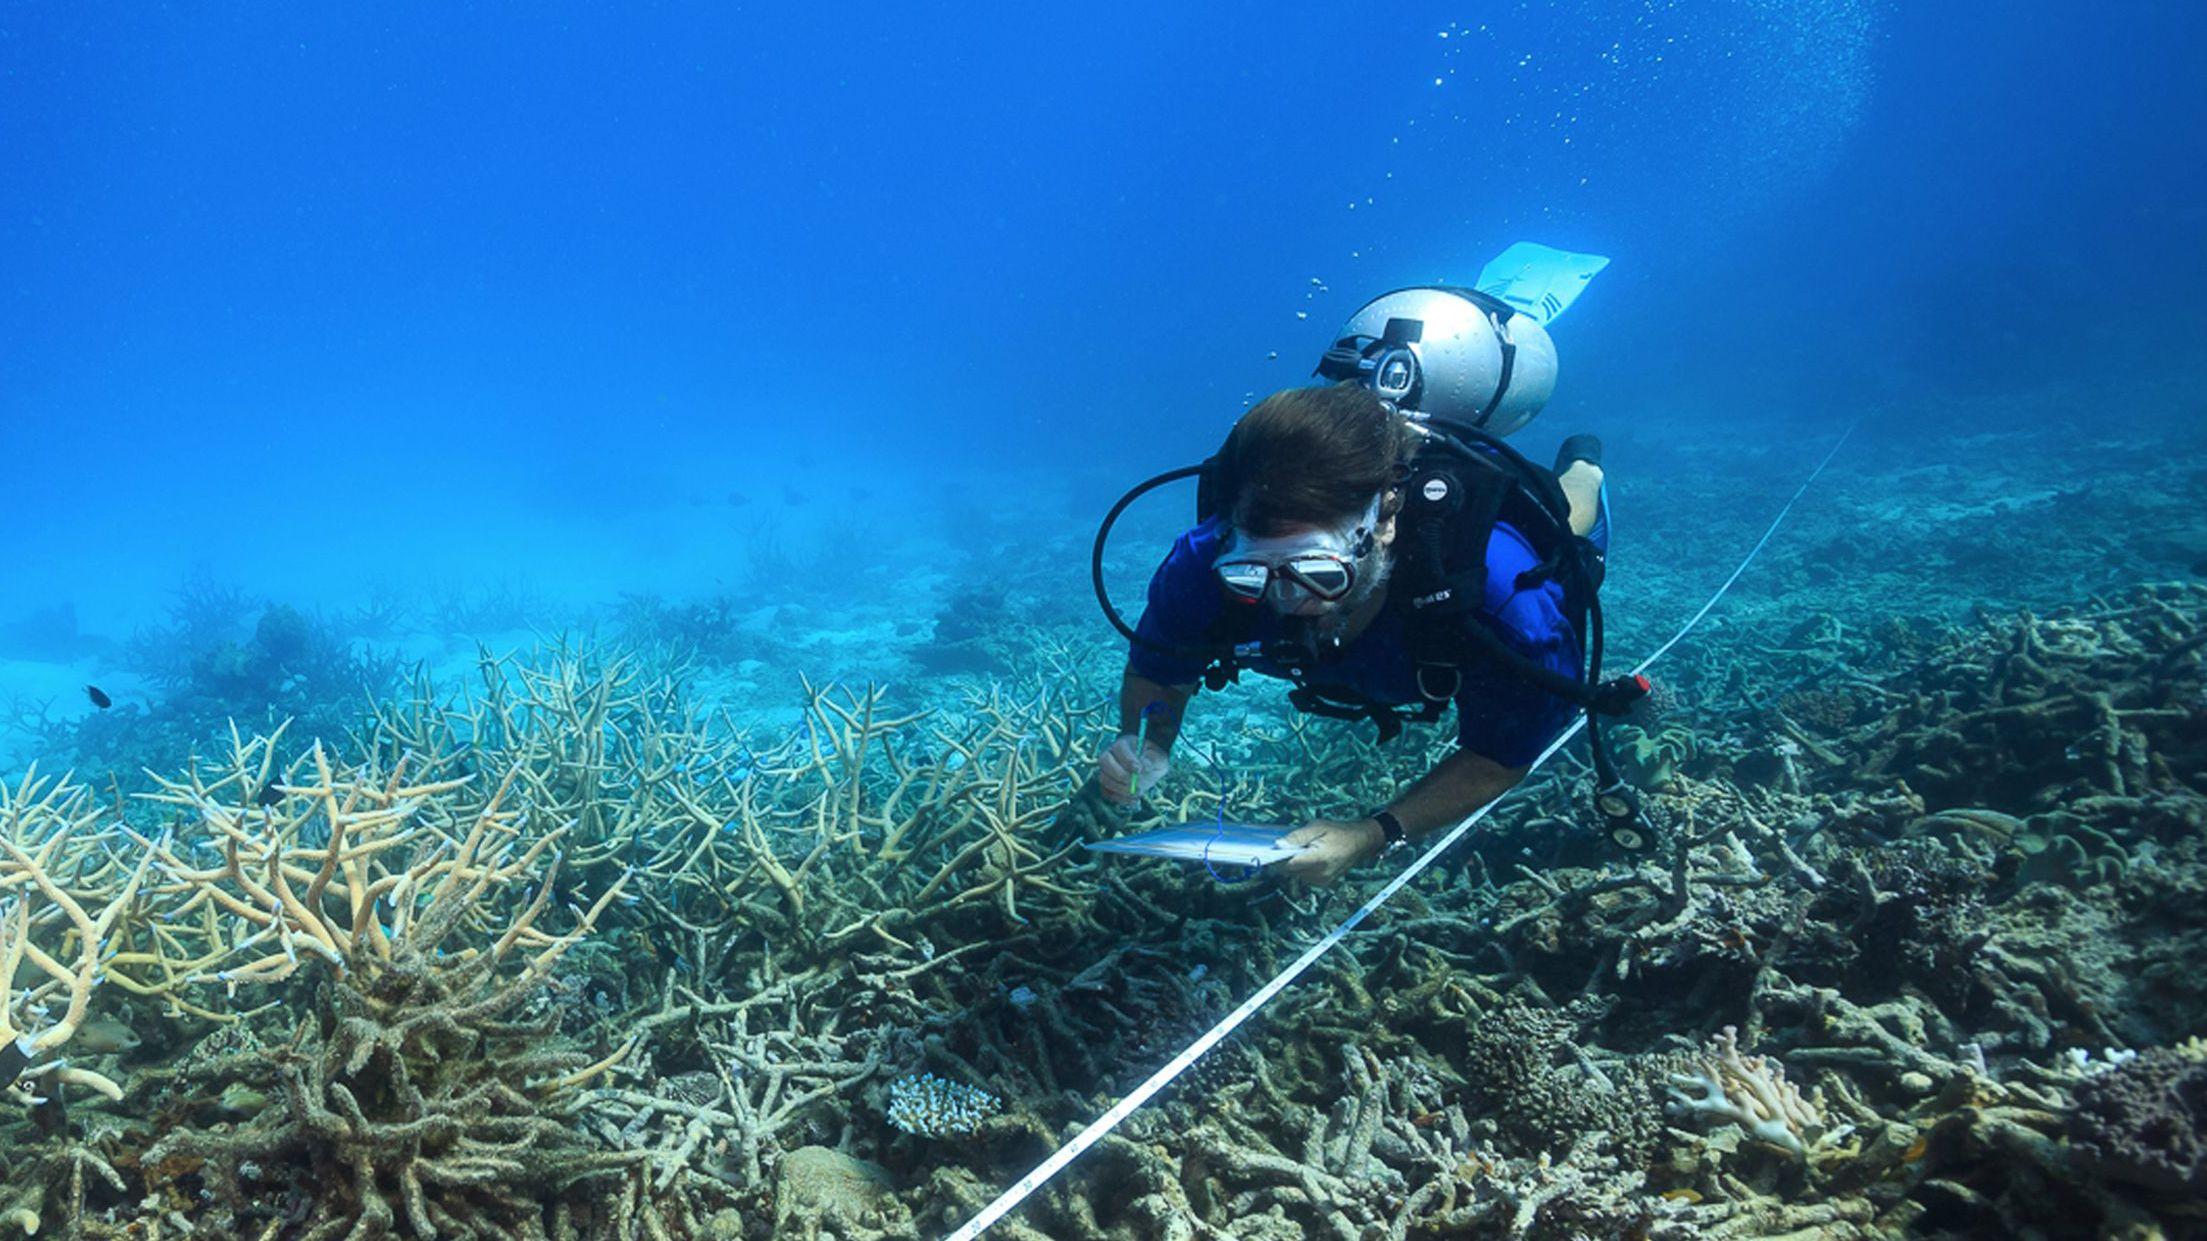 グレートバリアリーフの 珊瑚礁を救うには 雲を明るくするしかない